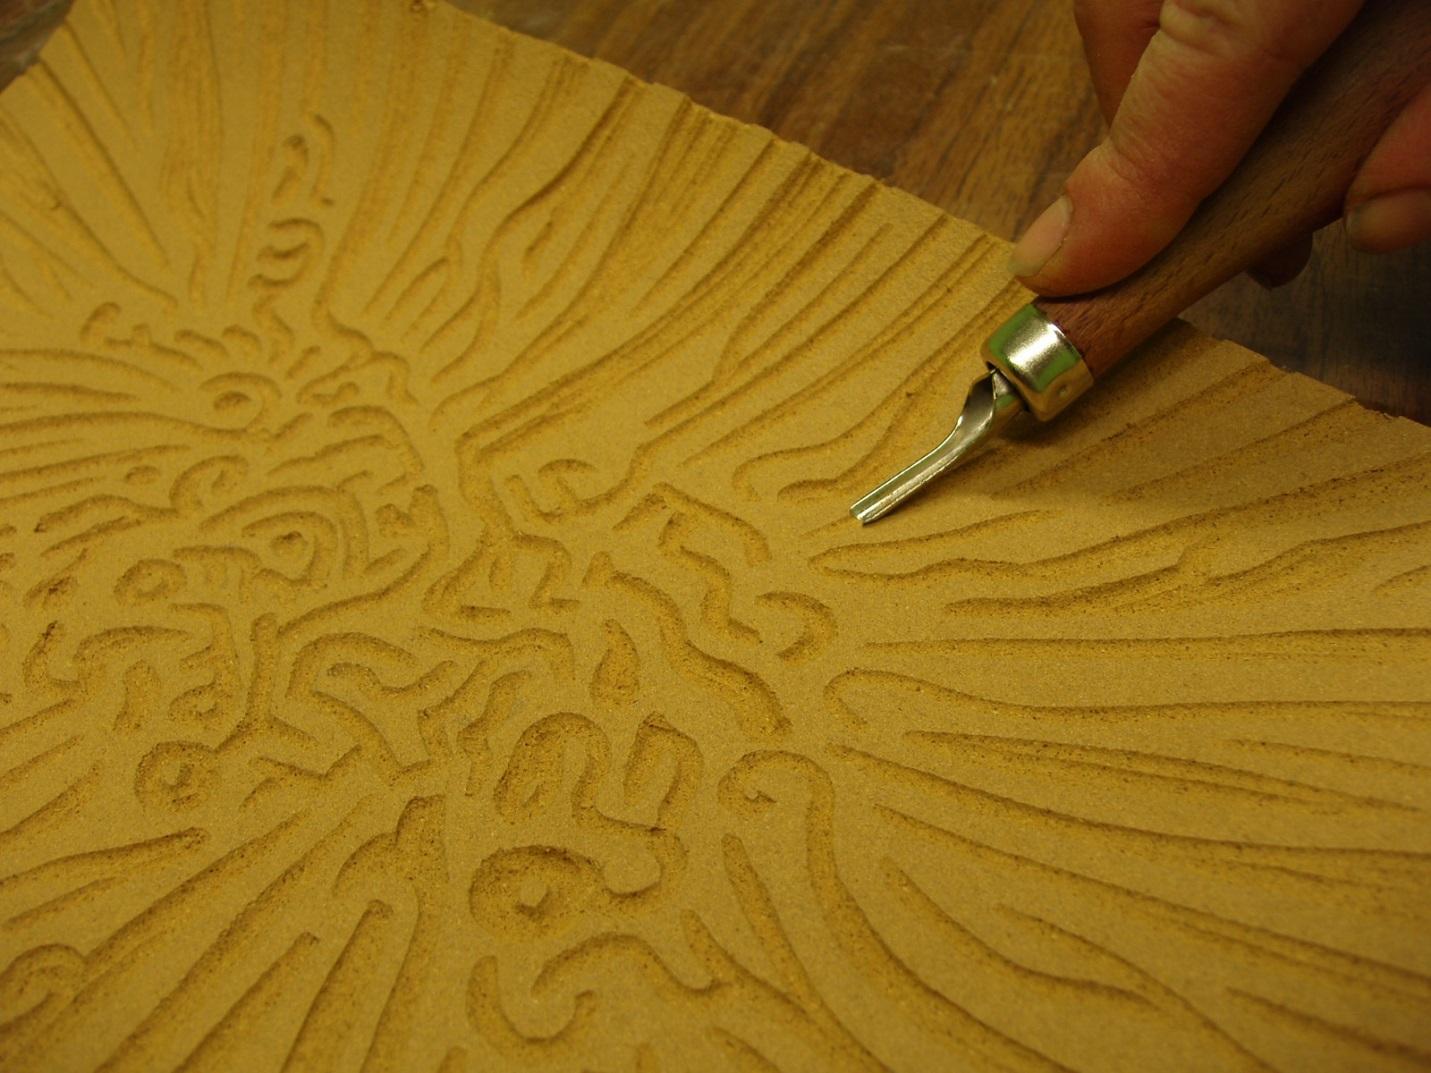 рисунки печатей вырезанные на твердых предметах нинидзе показала